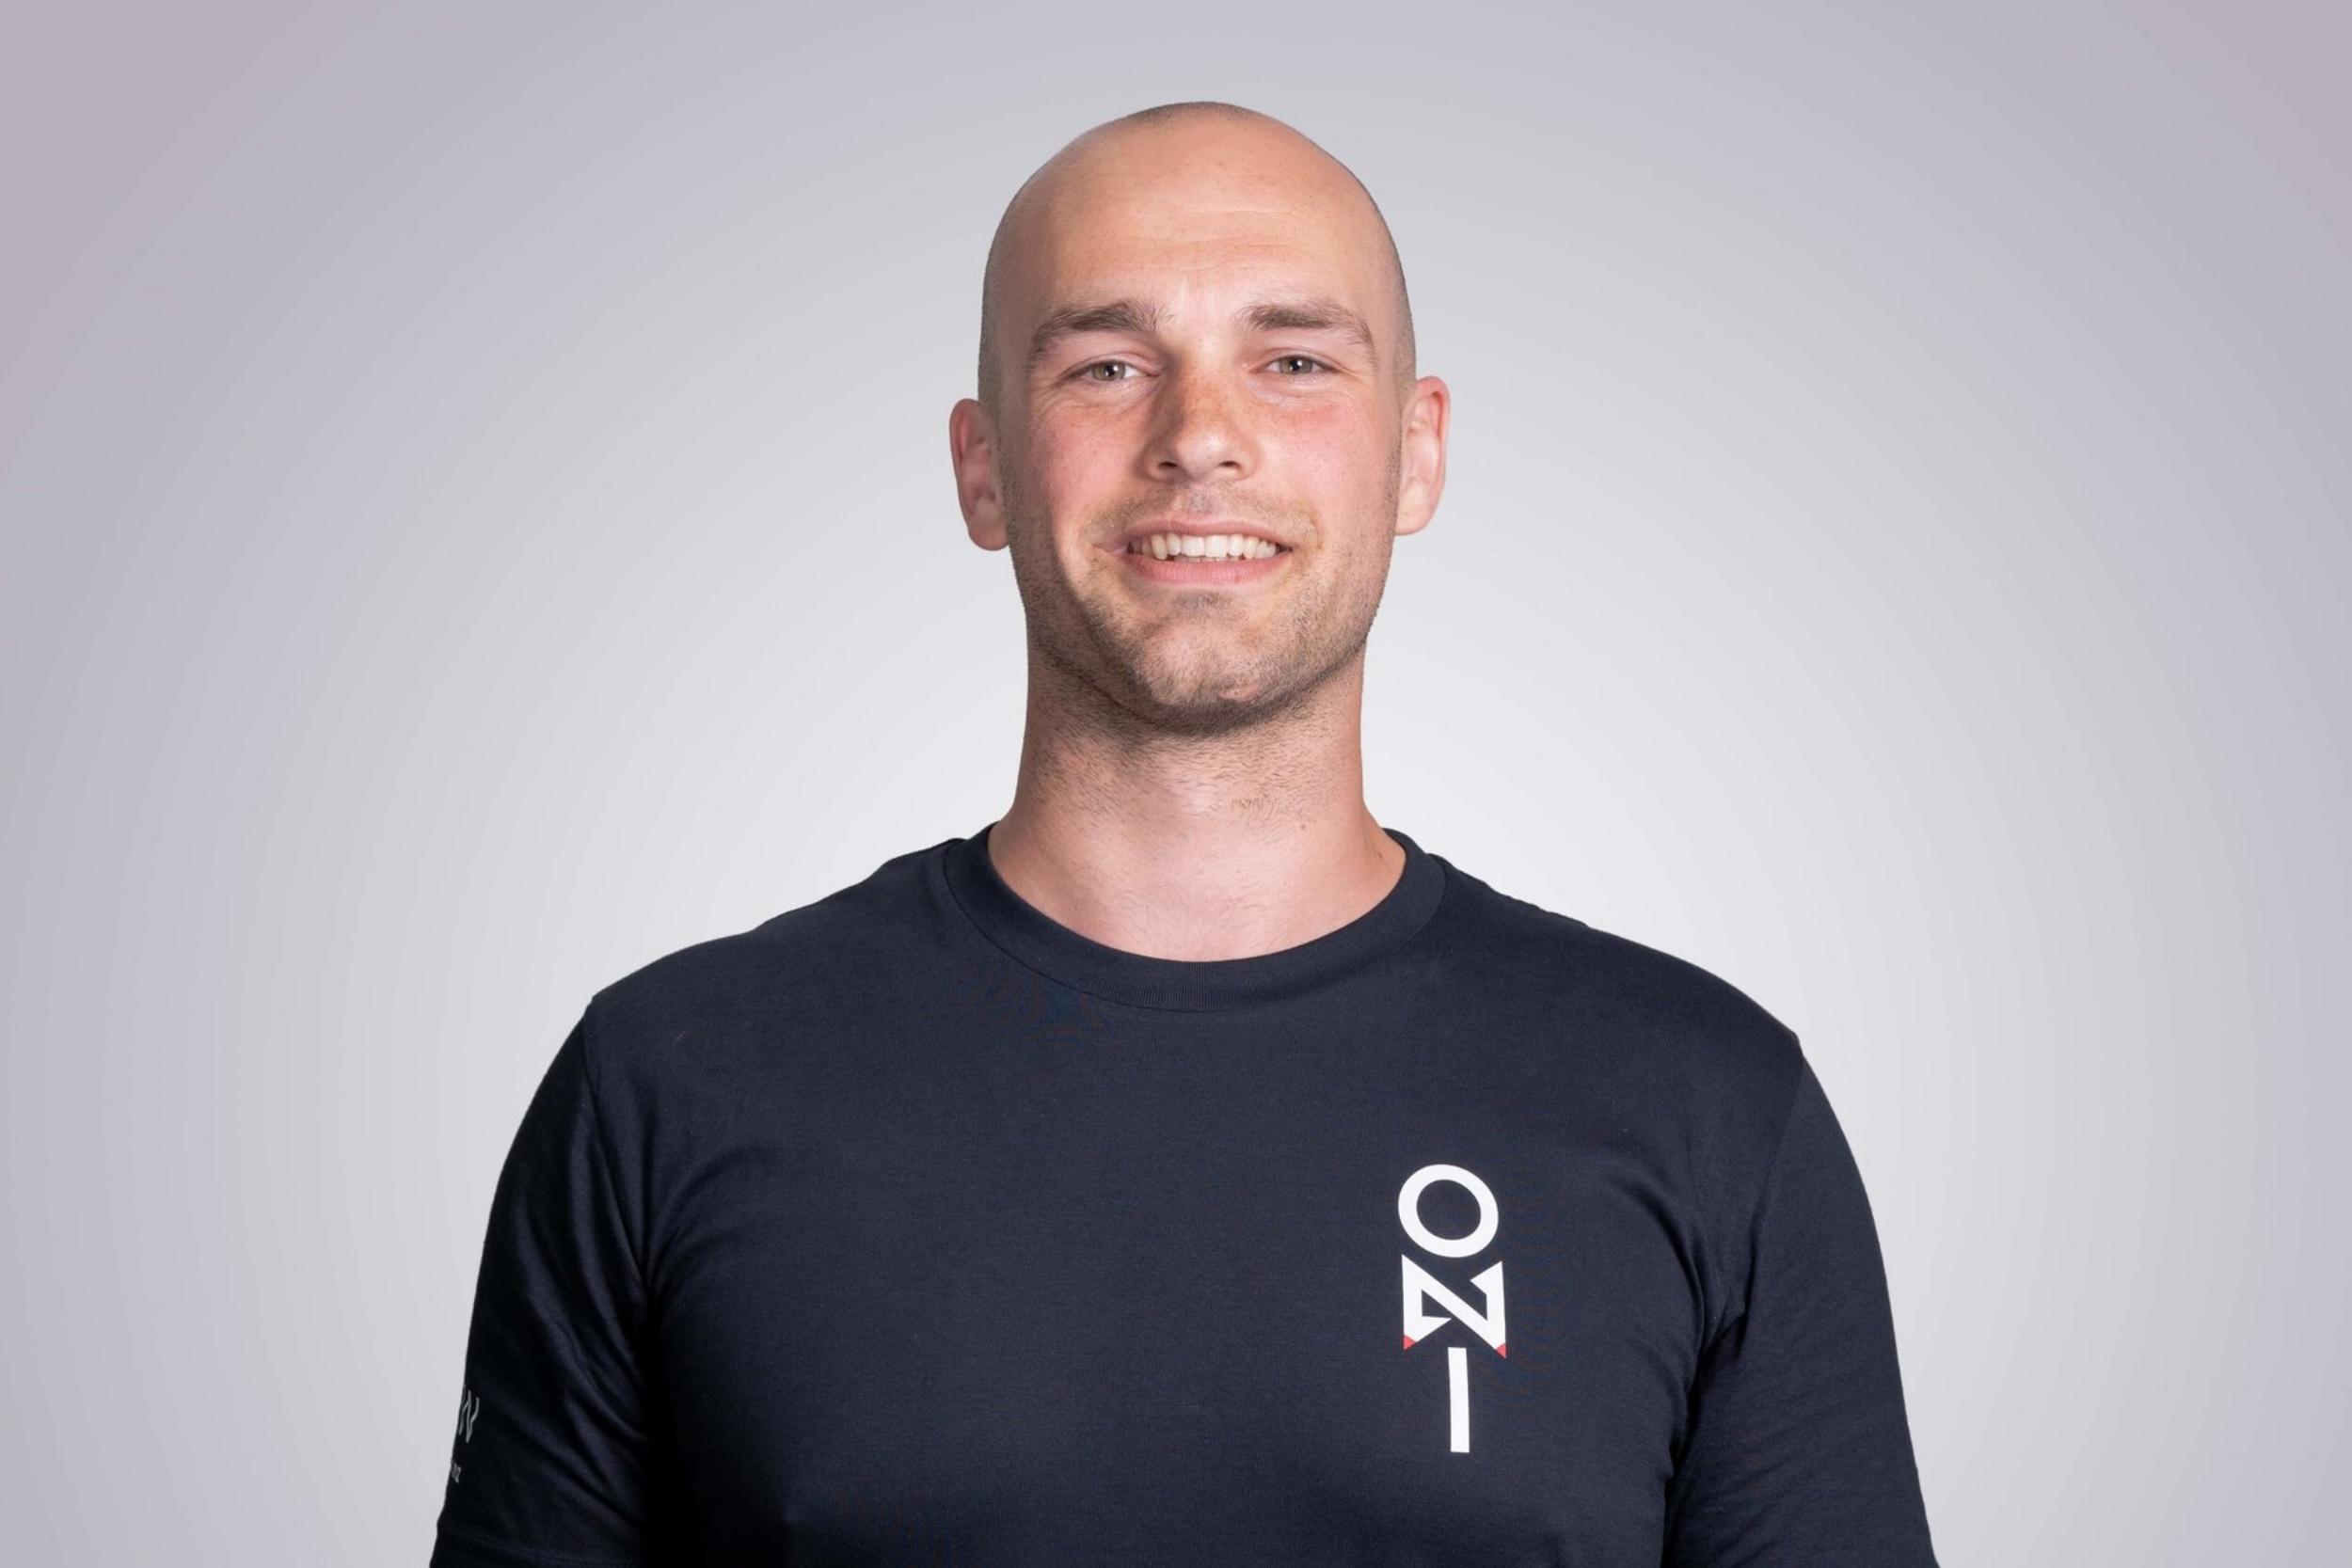 Carsten-Waterworth-ONI-massage